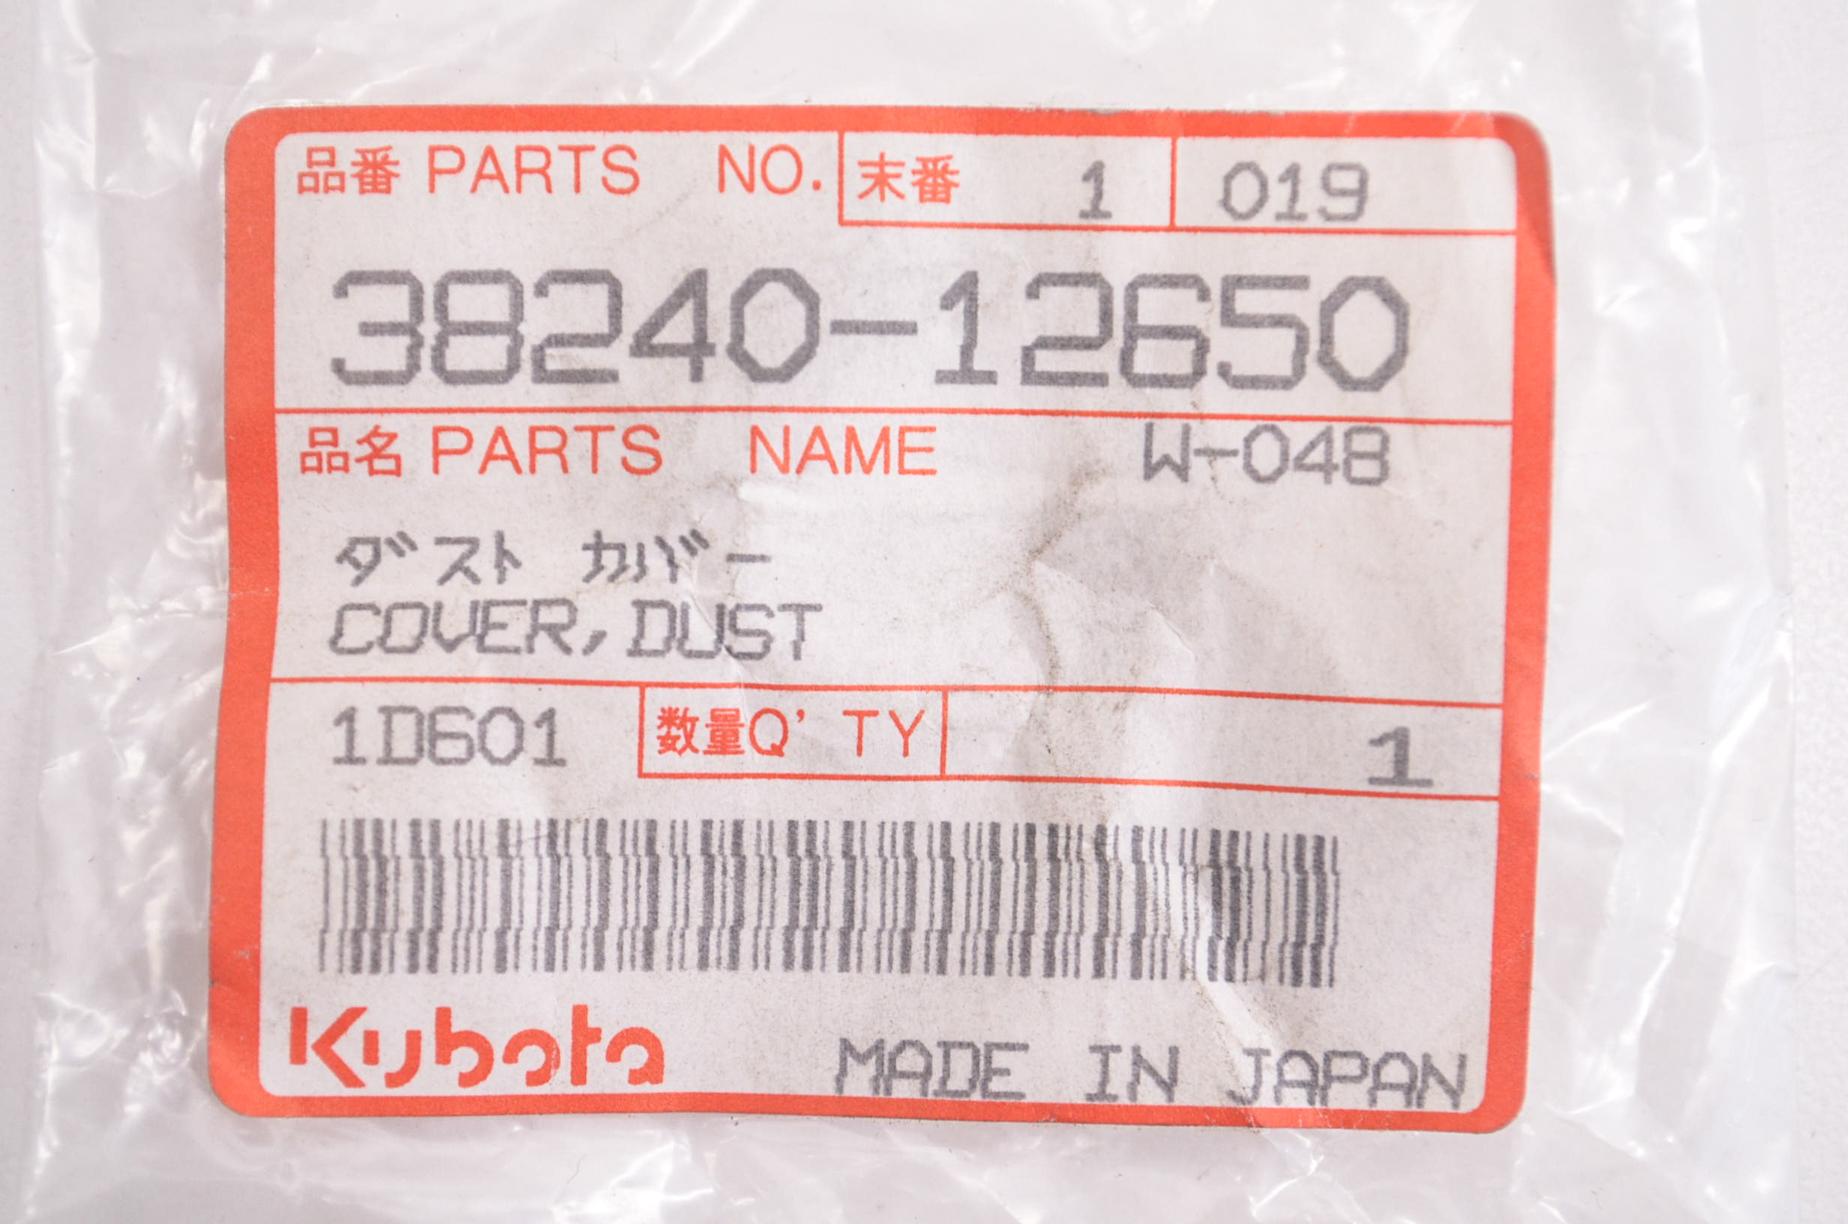 Kubota 38240-12650 Dust Cover NOS